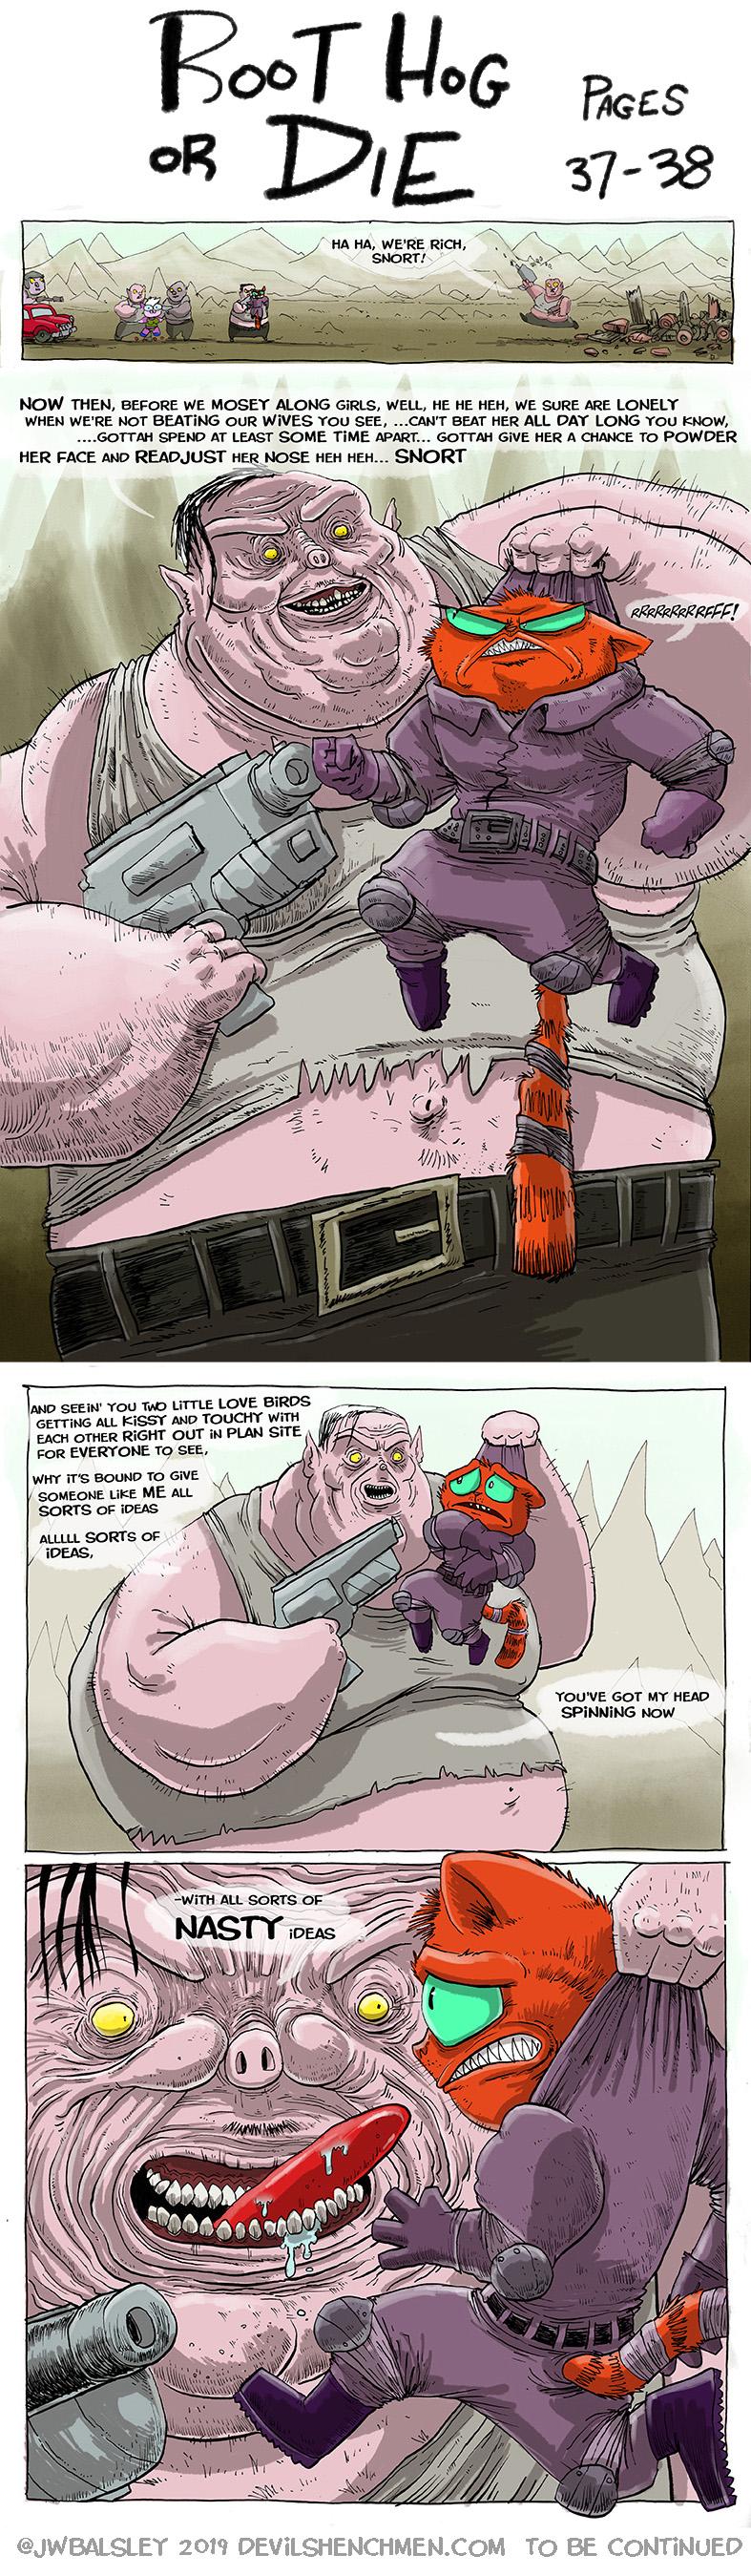 Root Hog or Die pages 37-38